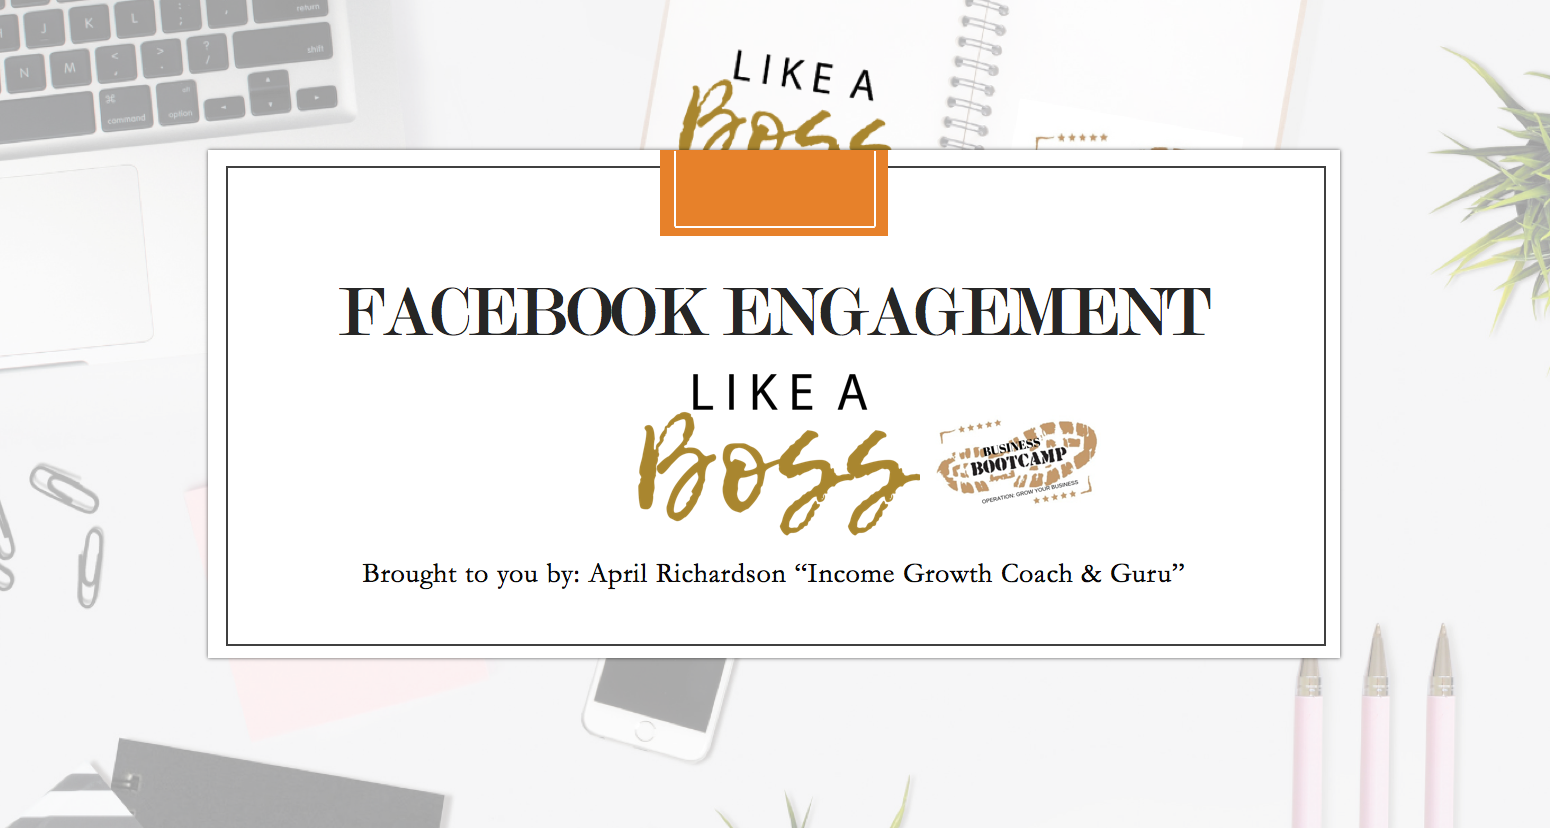 Facebook Engagement Like a Boss